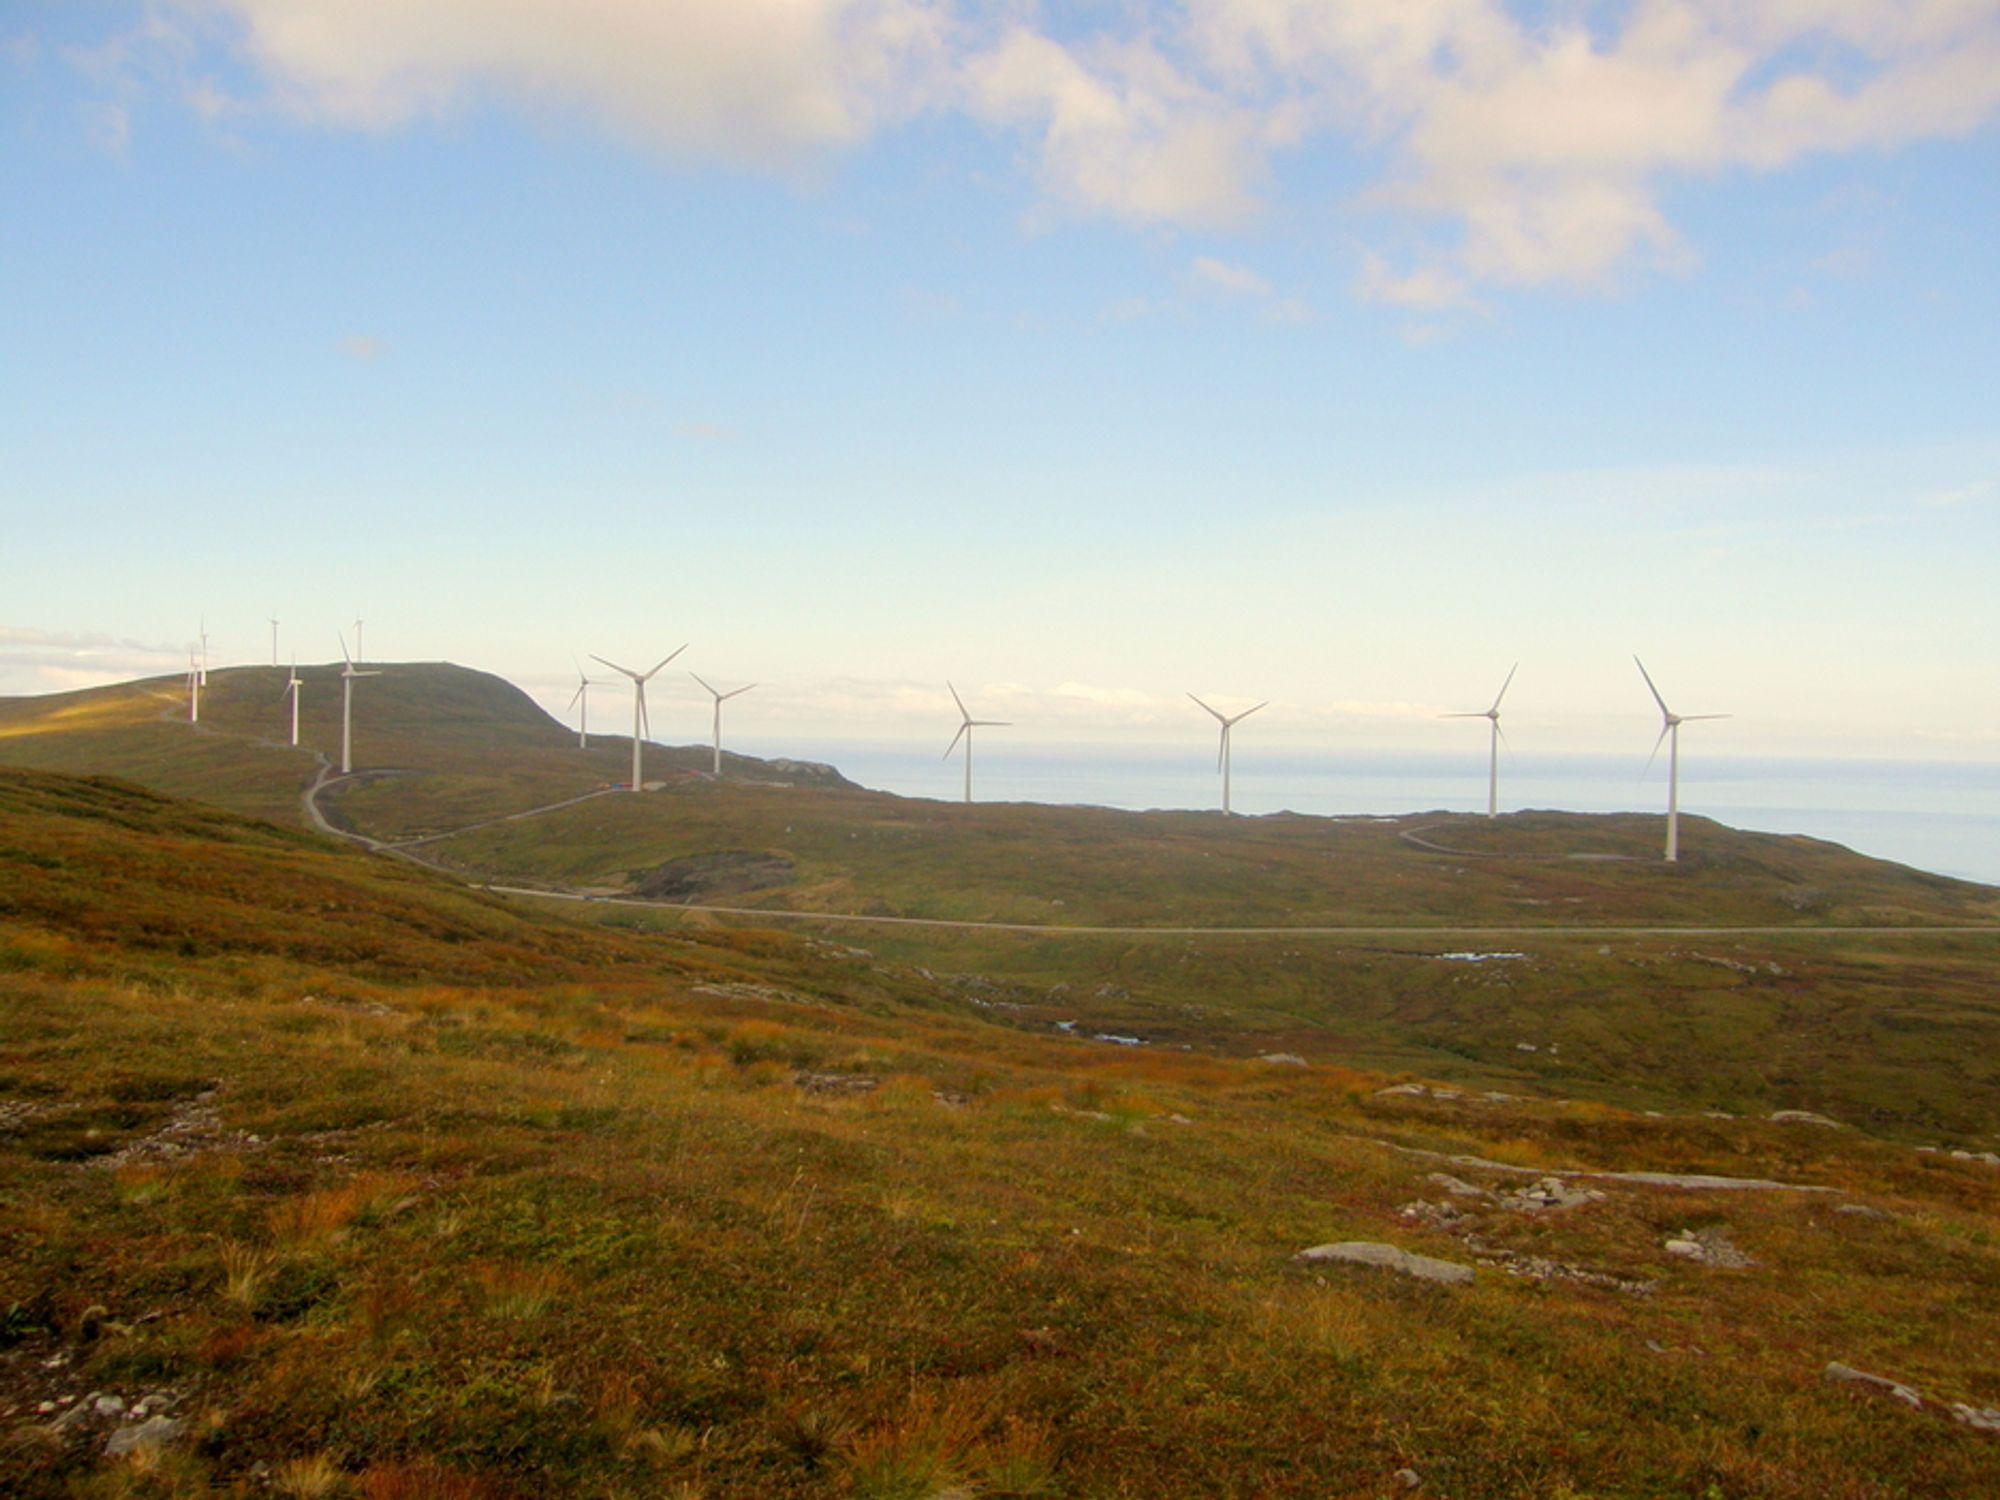 RADARVARSLING: Radarvarsling ved vindparker kan bli viktig i fremtiden, tror Kvalheim Krafts administrerende direktør Olav Rommetveit.